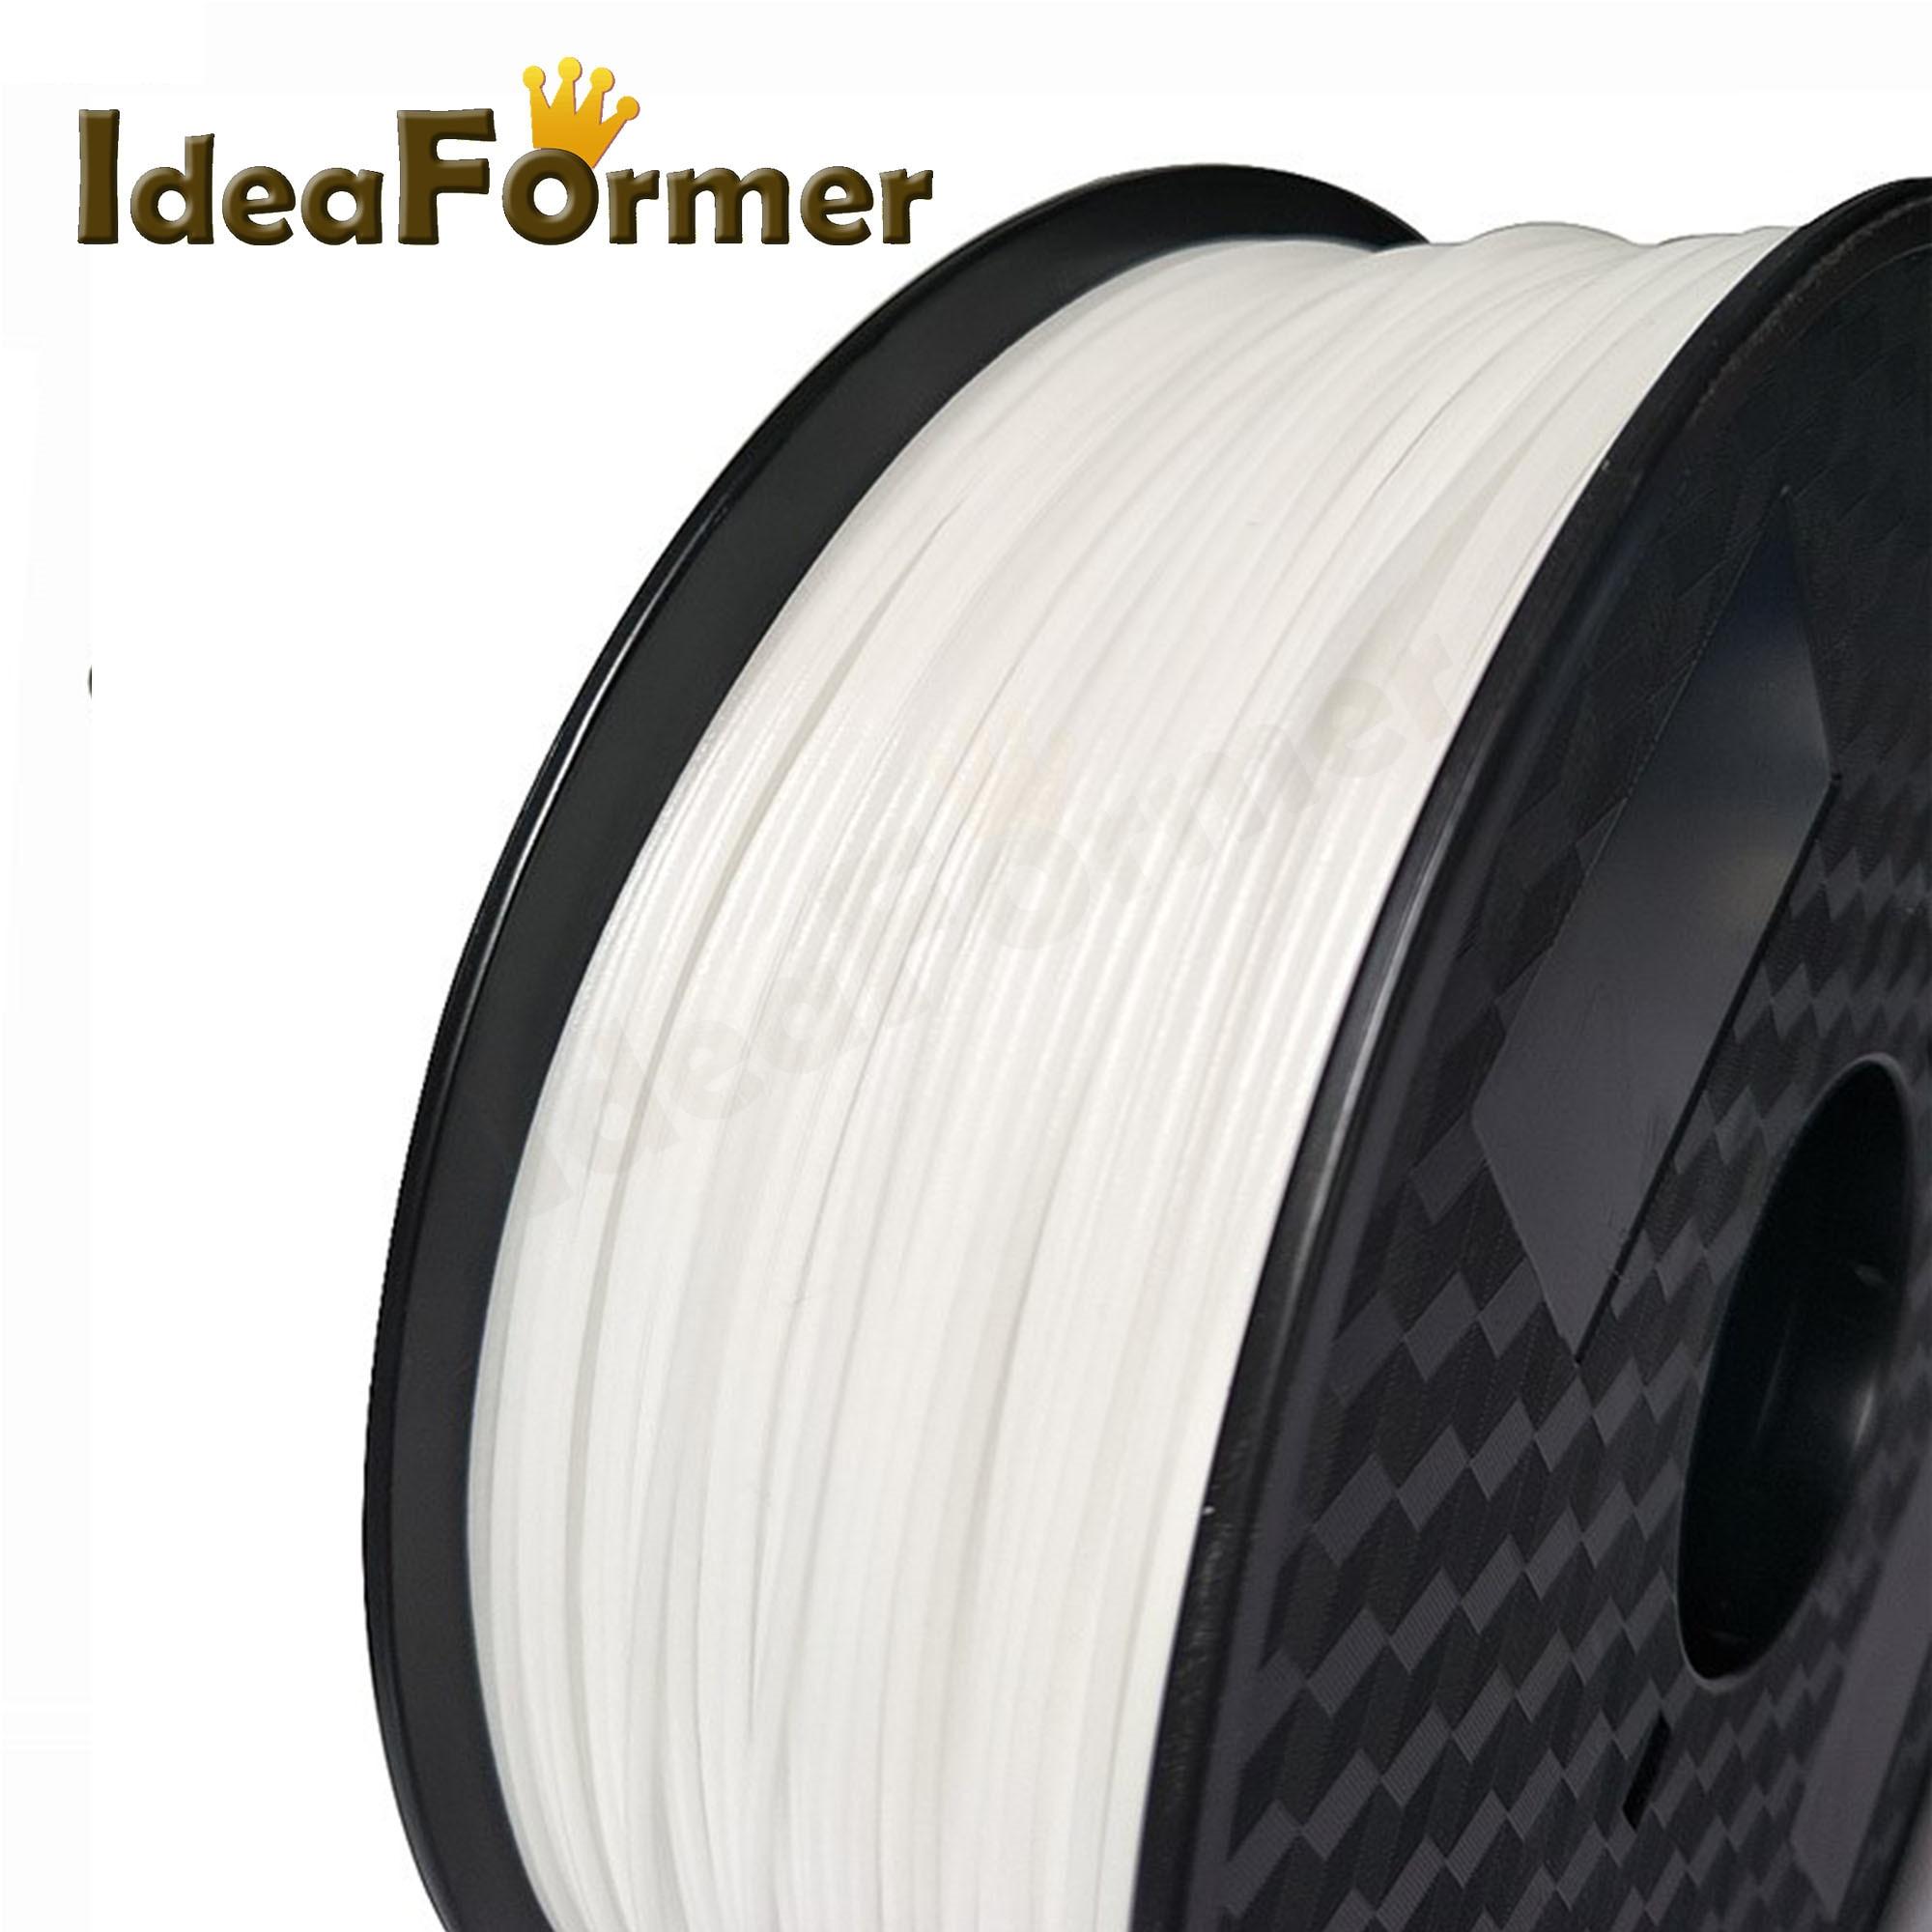 PP 1 75mm Filament 1KG Colorful Printing Materials 3D Extruder plastic filament for 3D printer